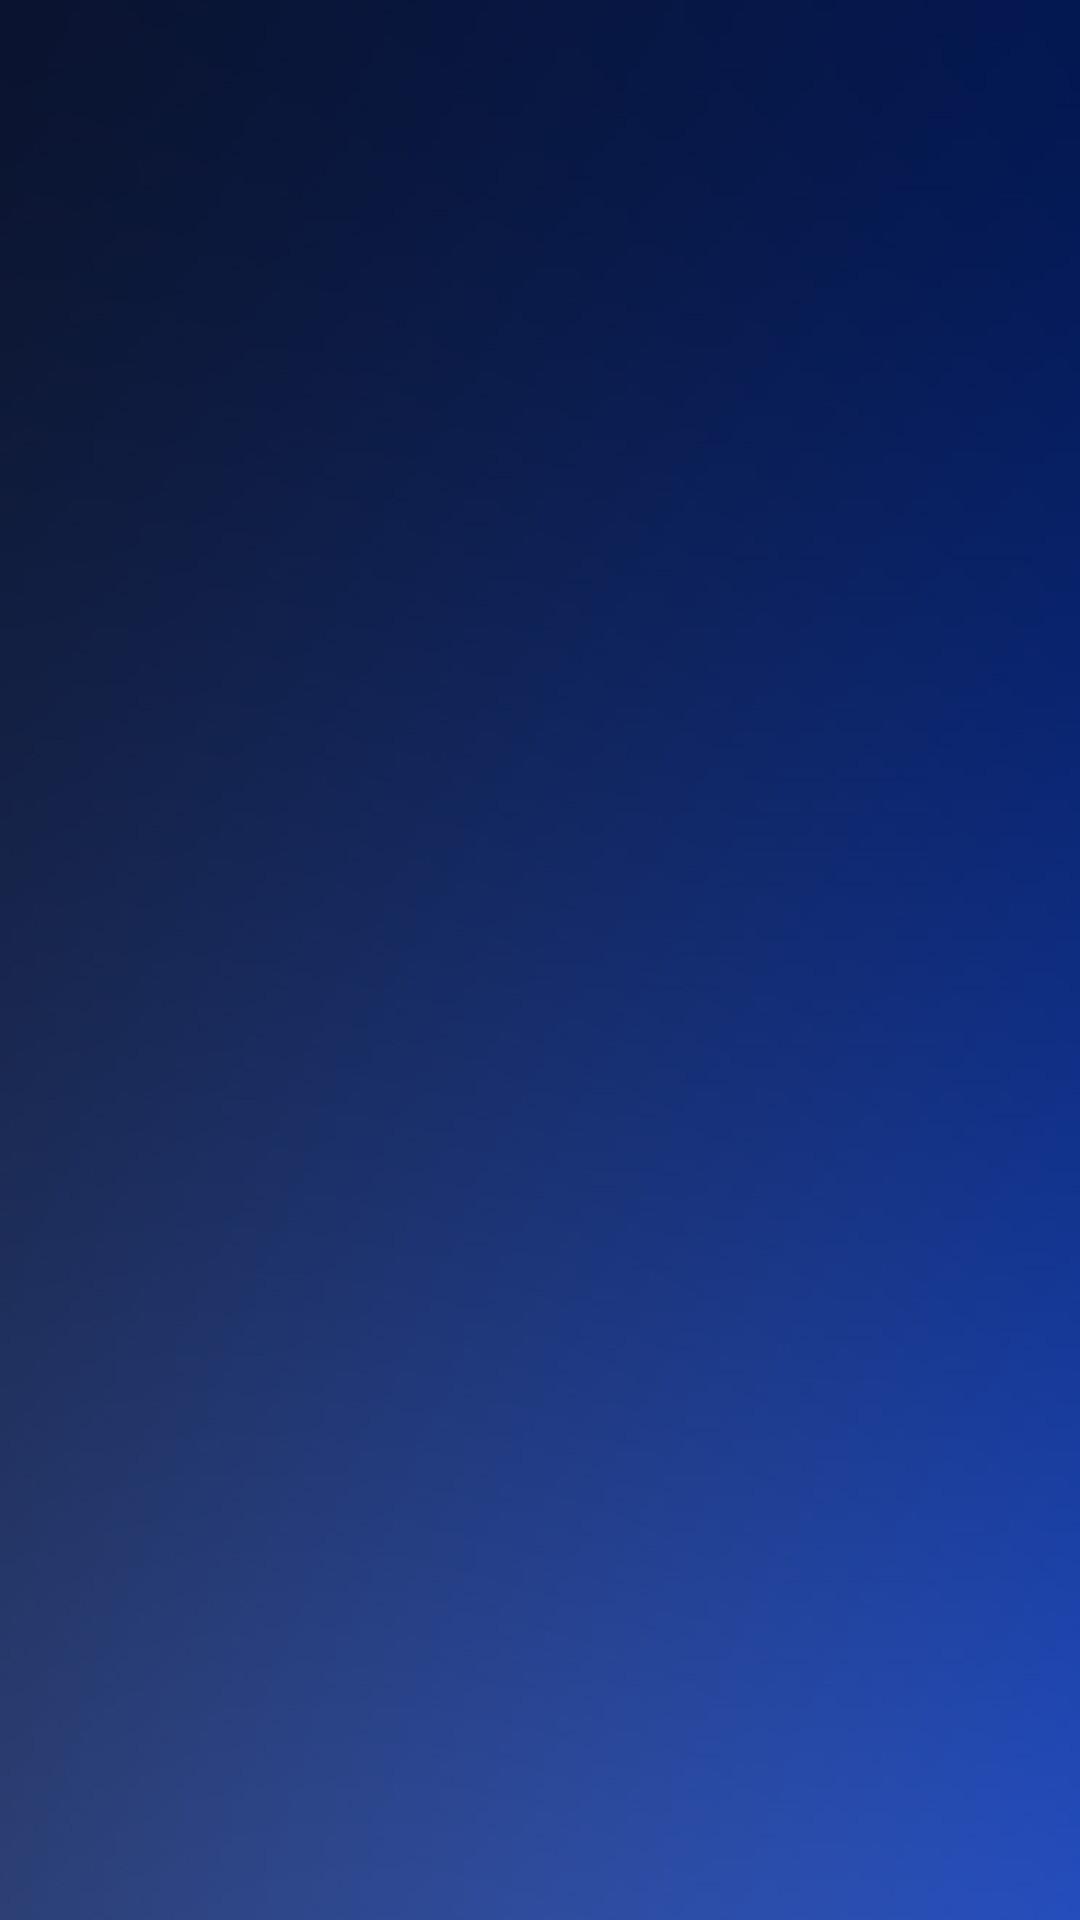 Pure Dark Blue Ocean Gradation Blur Background iPhone 6 wallpaper